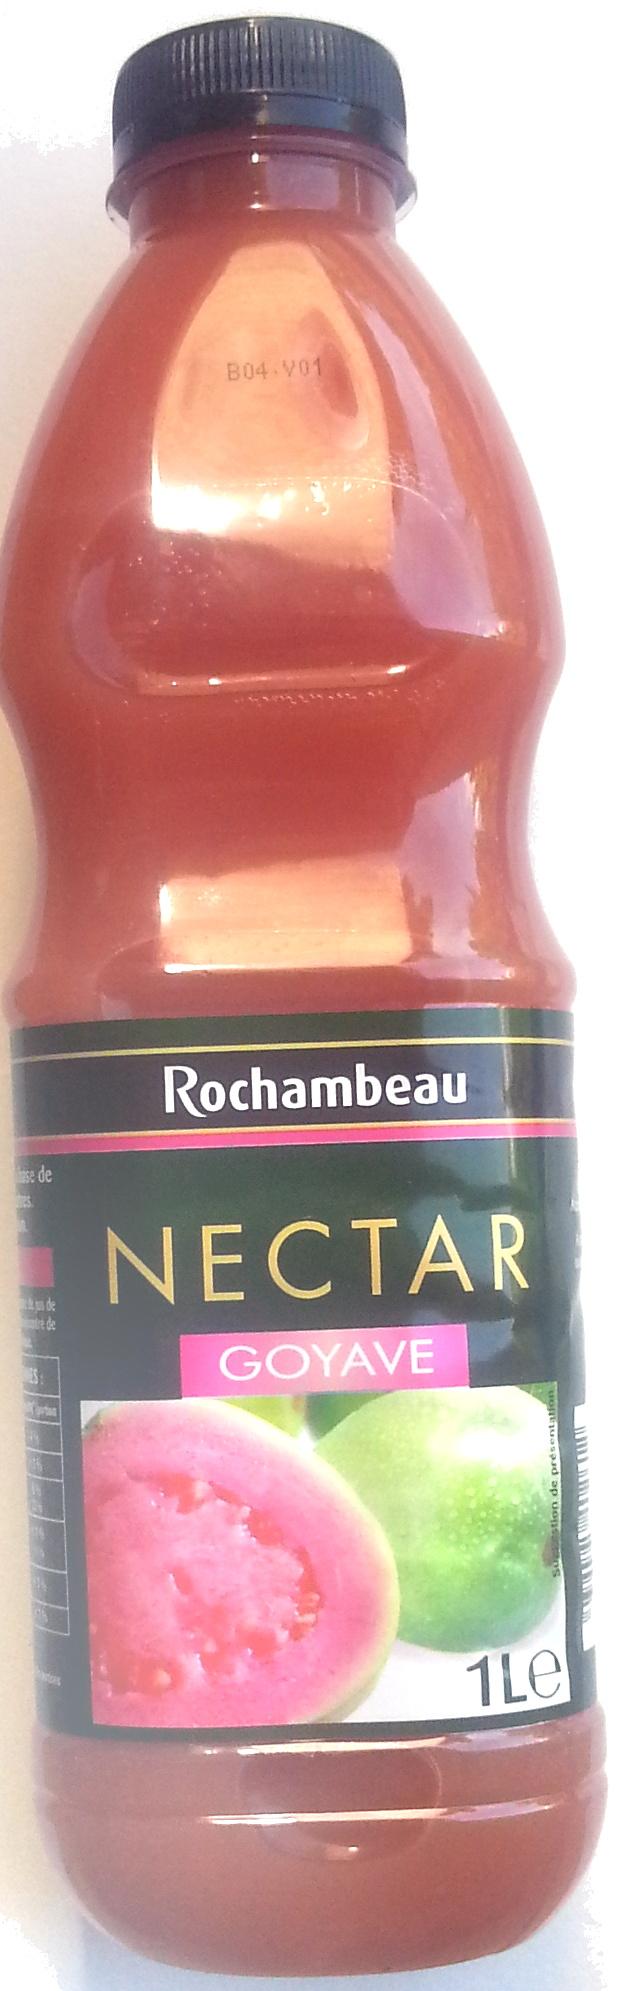 Nectar Goyave - Produit - fr